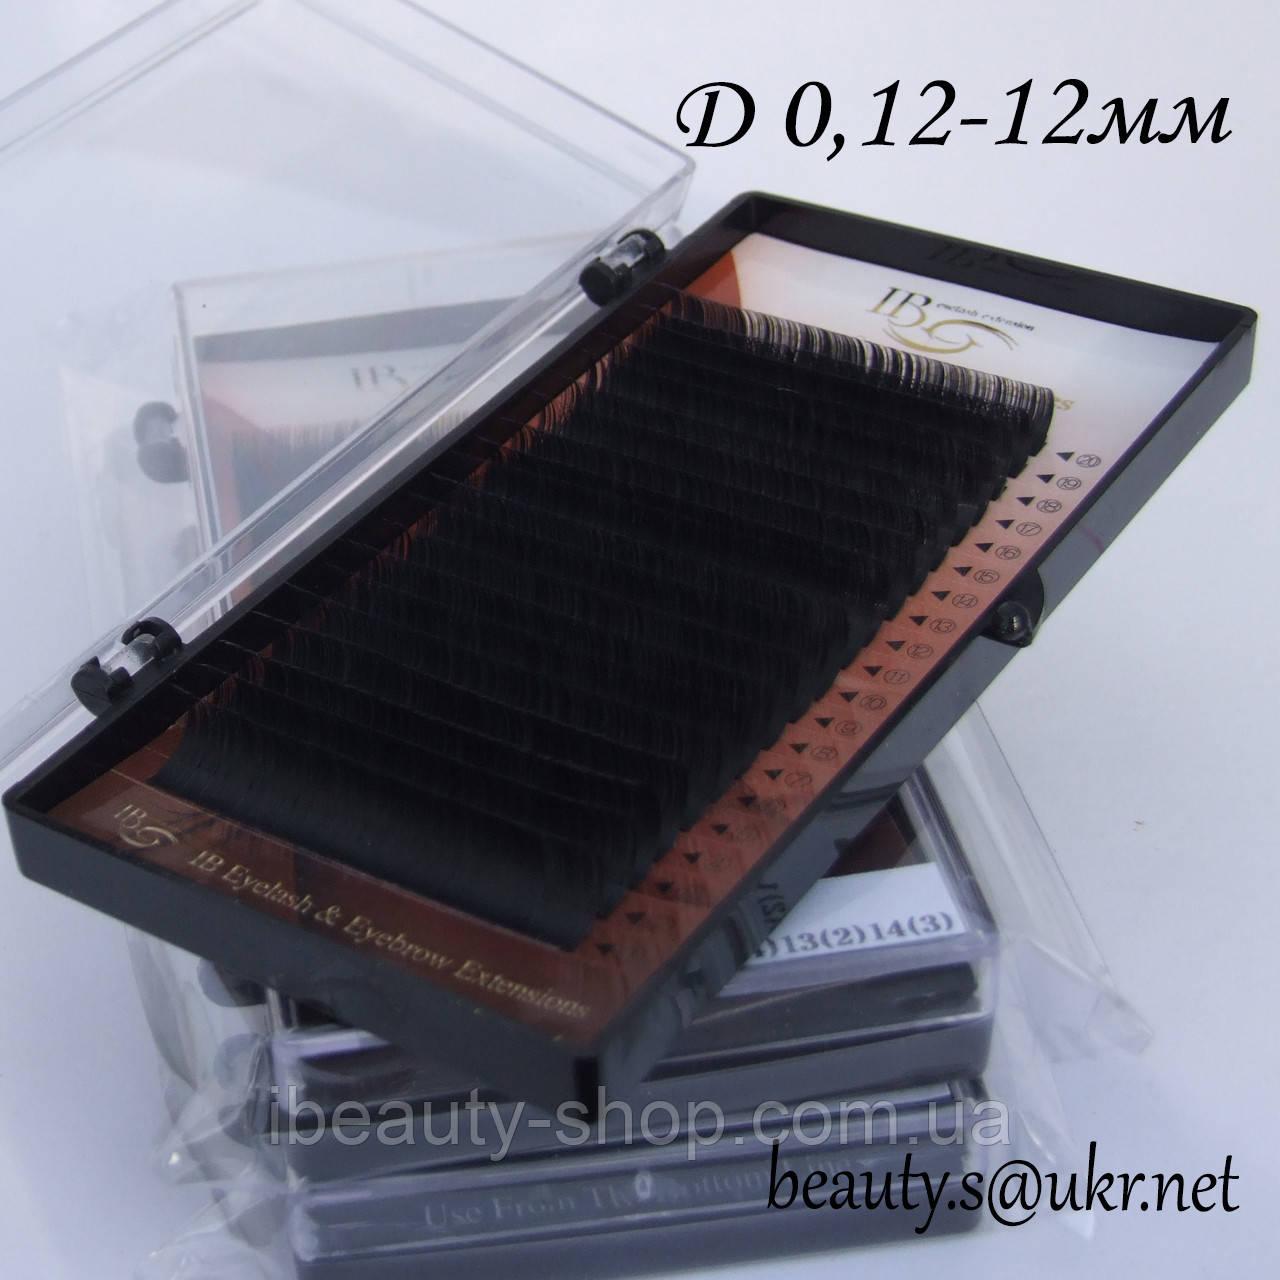 Ресницы  I-Beauty на ленте D-0,12 12мм